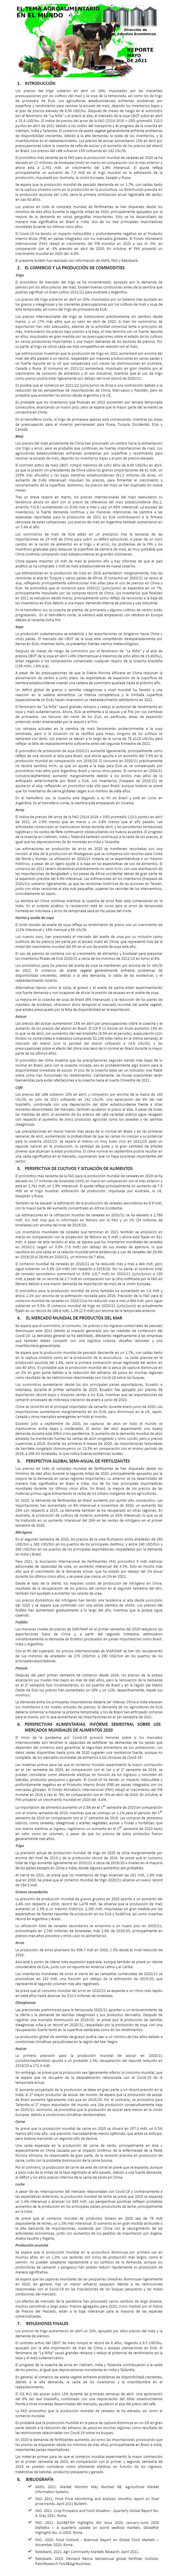 REPORTE: EL TEMA AGROALIMENTARIO EN EL MUNDO, MAYO 2021.